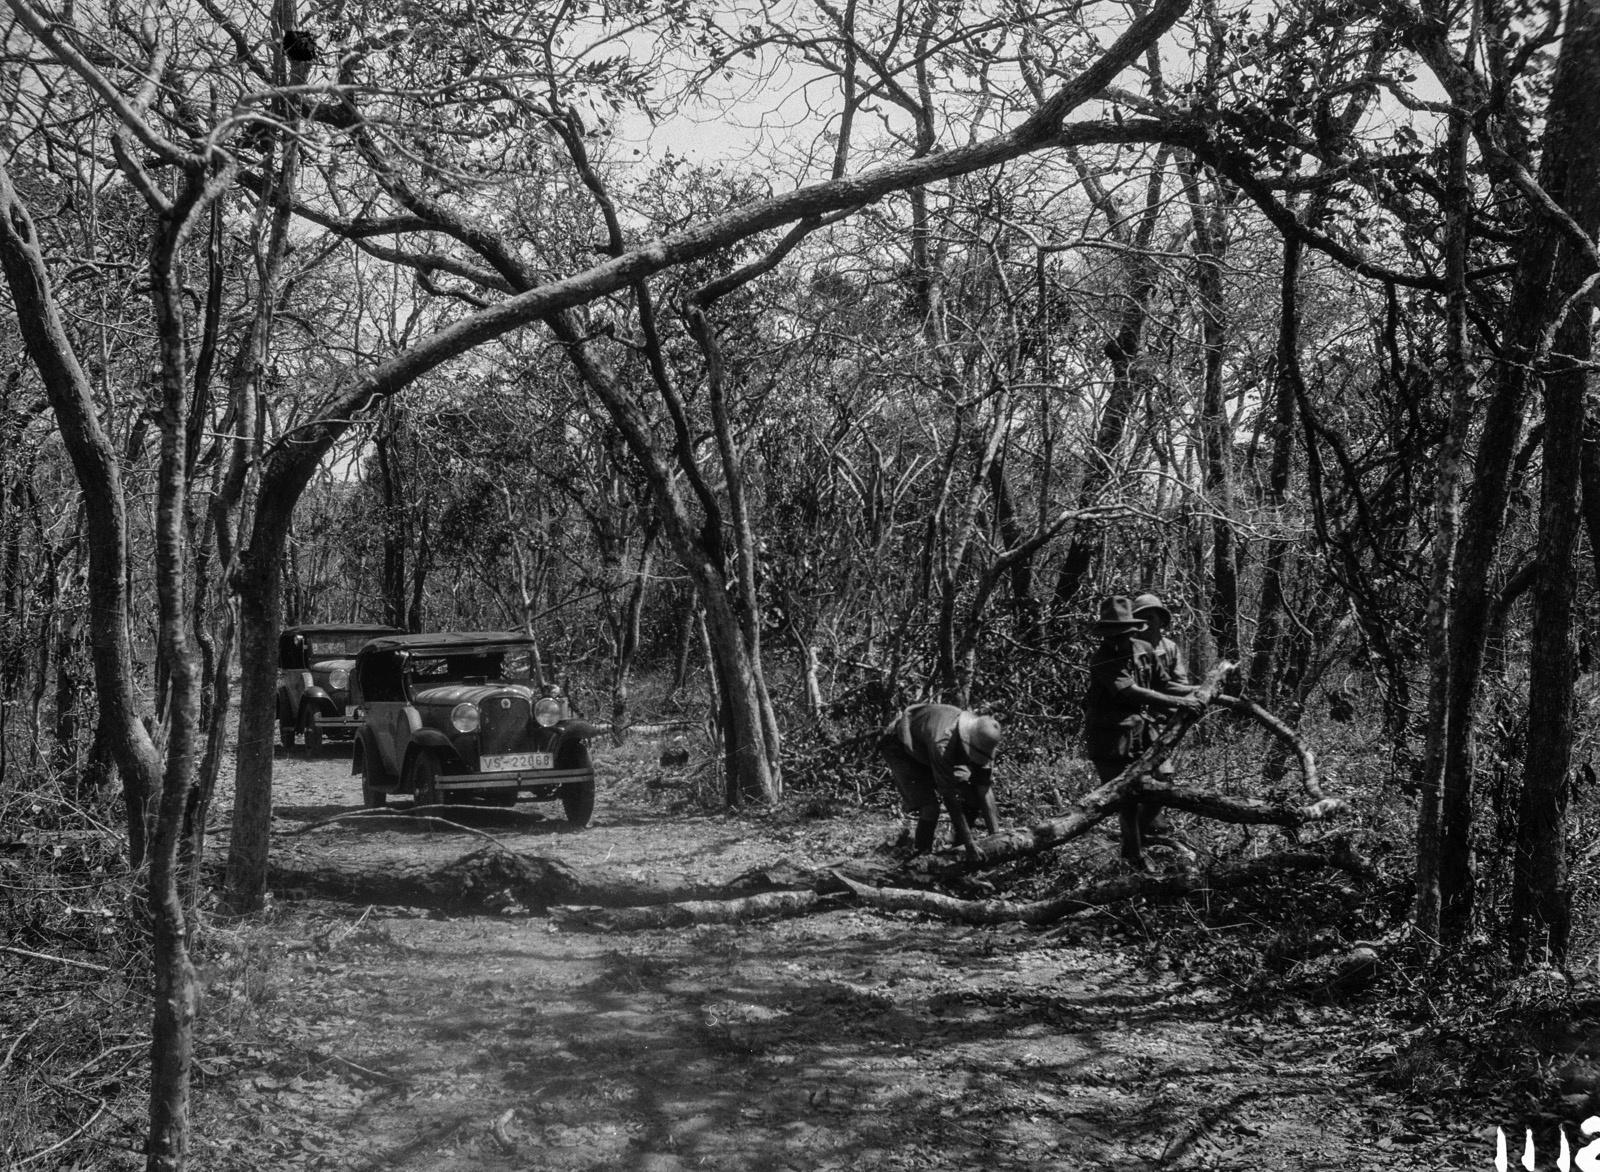 1112. Лундази. Две экспедиционные машины на дороге